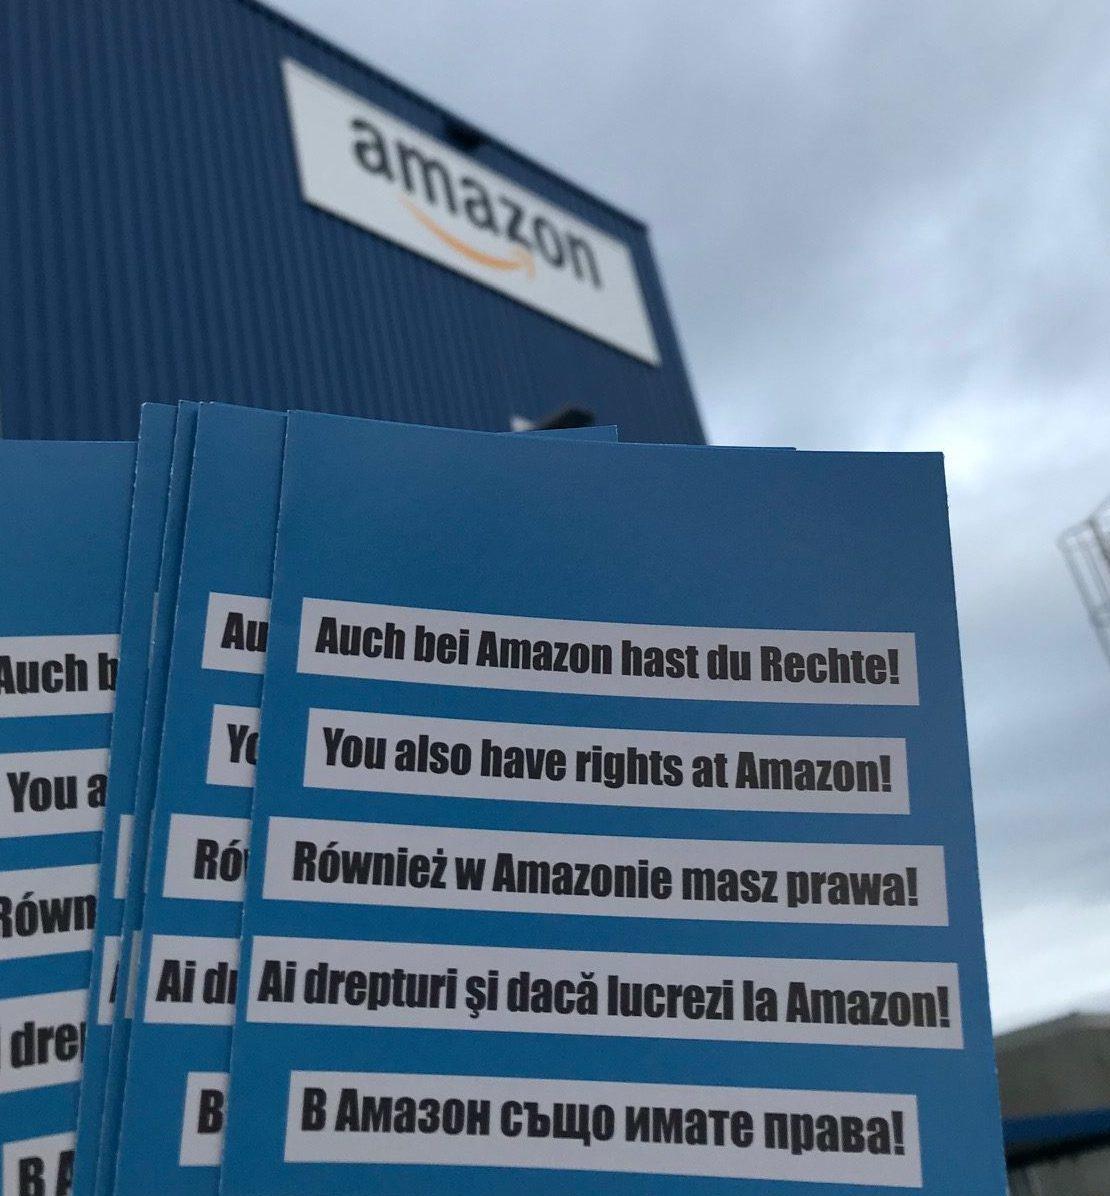 Seit im Herbst 2019 der Versandriese Amazon ein Verteilzentrum in Erfurt Stotternheim eröffnete, steigt die Zahl der Kurierfahrer, die sich an uns wenden, erheblich und zeigt ein bisher ungeahntes Maß an Ausbeutung mehrheitliche ausländischer Arbeitskräfte.